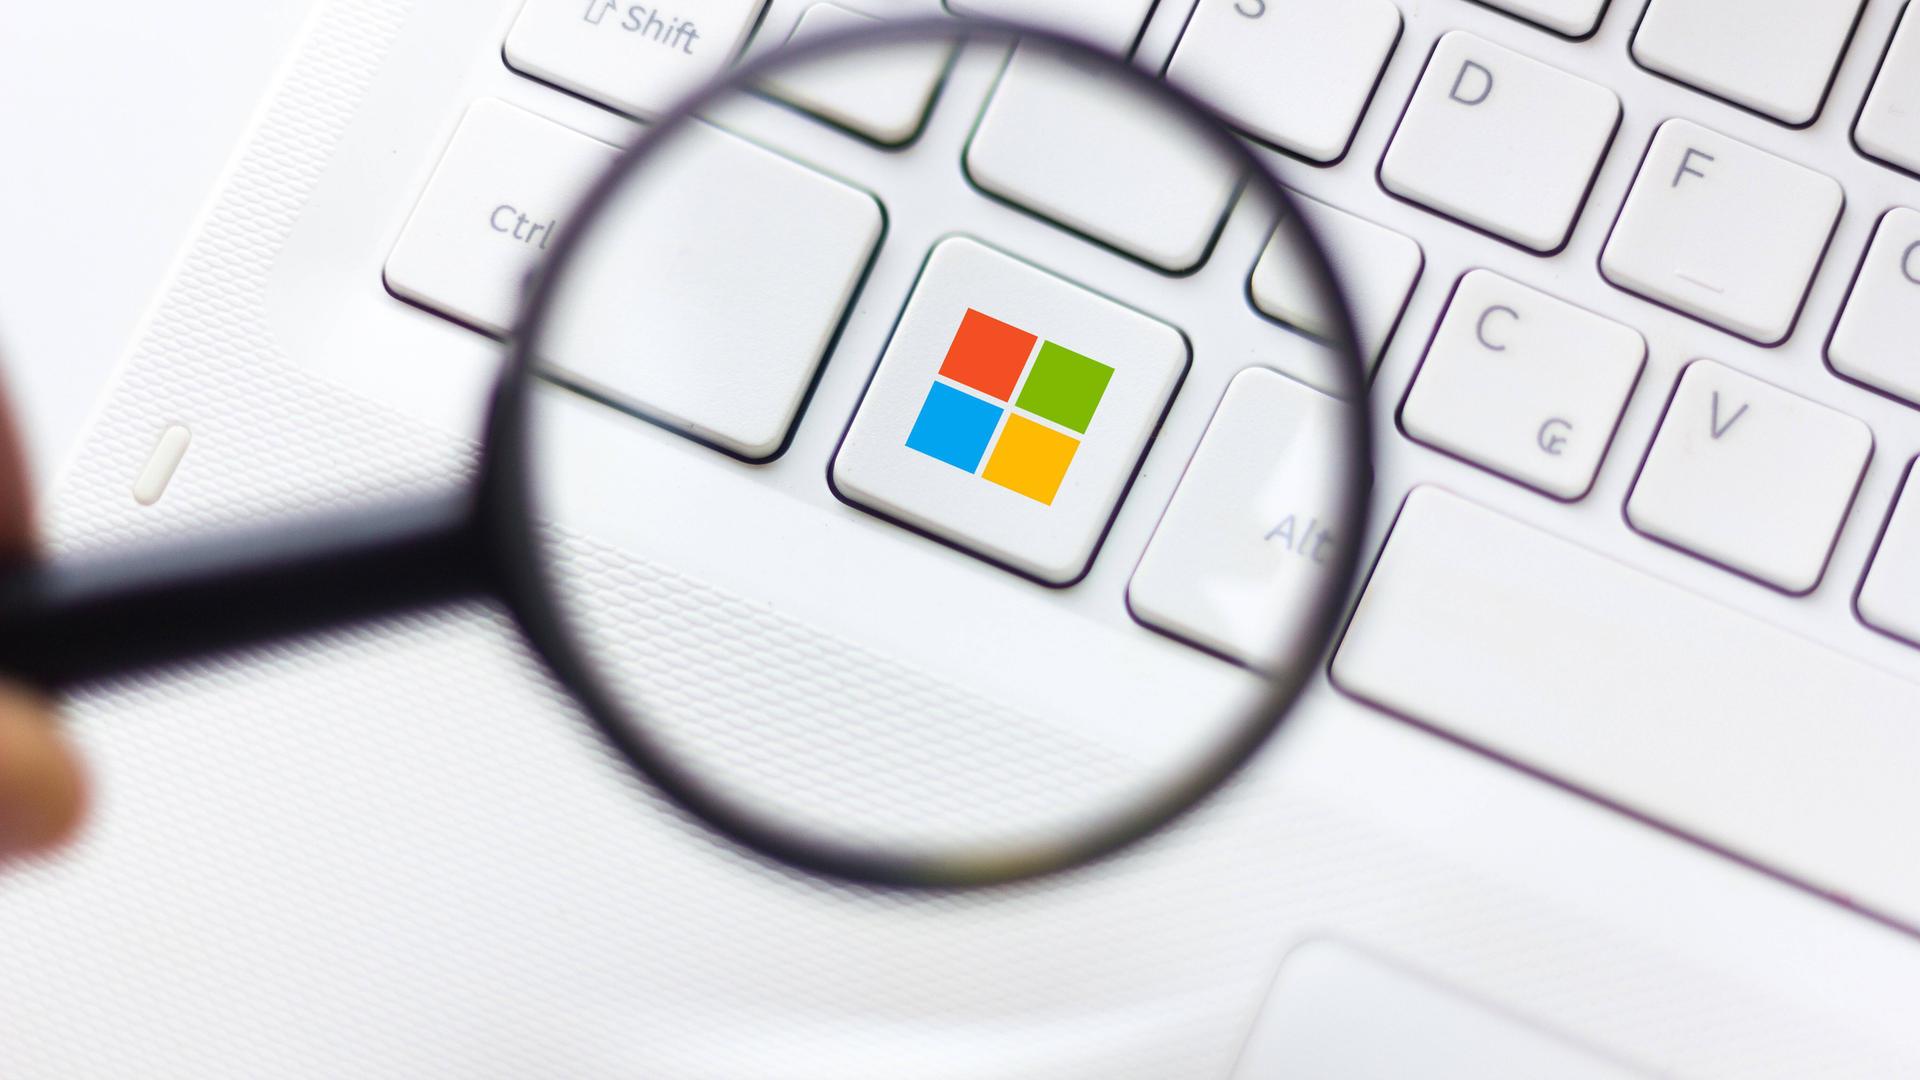 Windows Update: Internetprobleme wurden noch nicht behoben